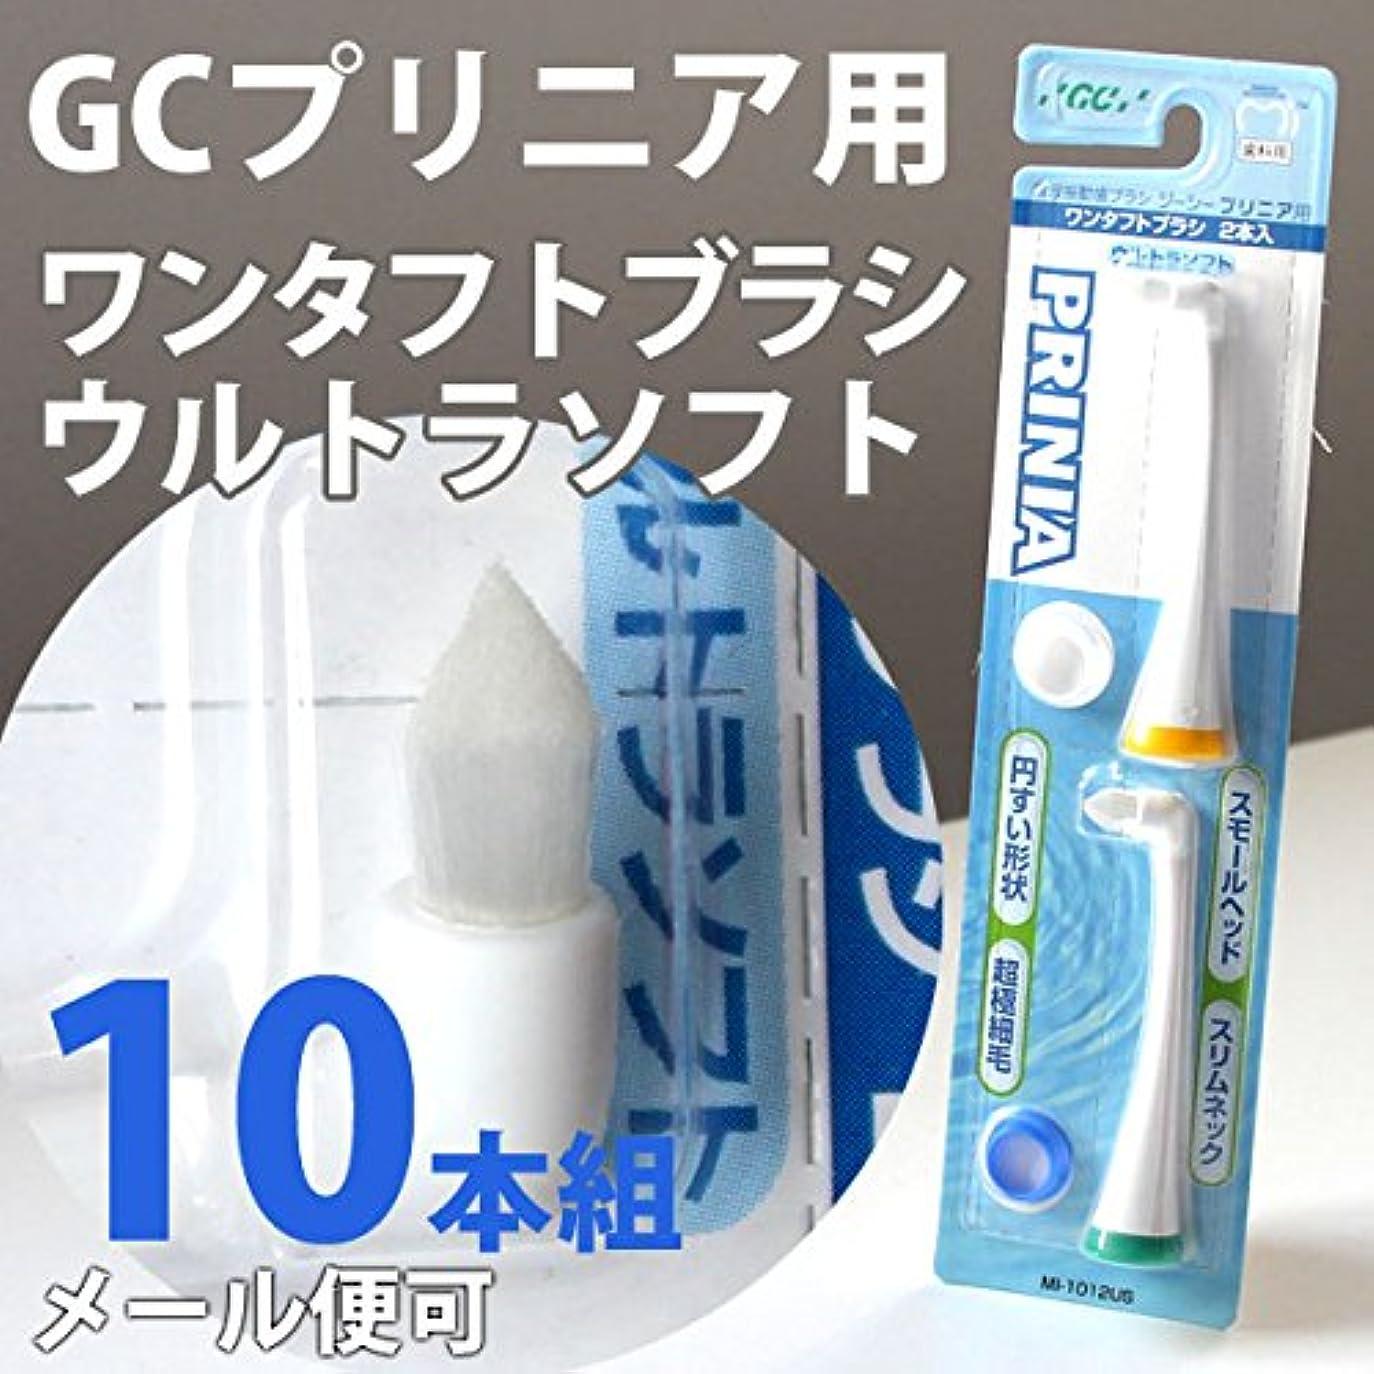 セグメントエロチックプリニア ワンタフト GC 音波振動 歯ブラシ プリニアスリム ブラシ 替えブラシ (ウルトラソフト)5セット (10本)